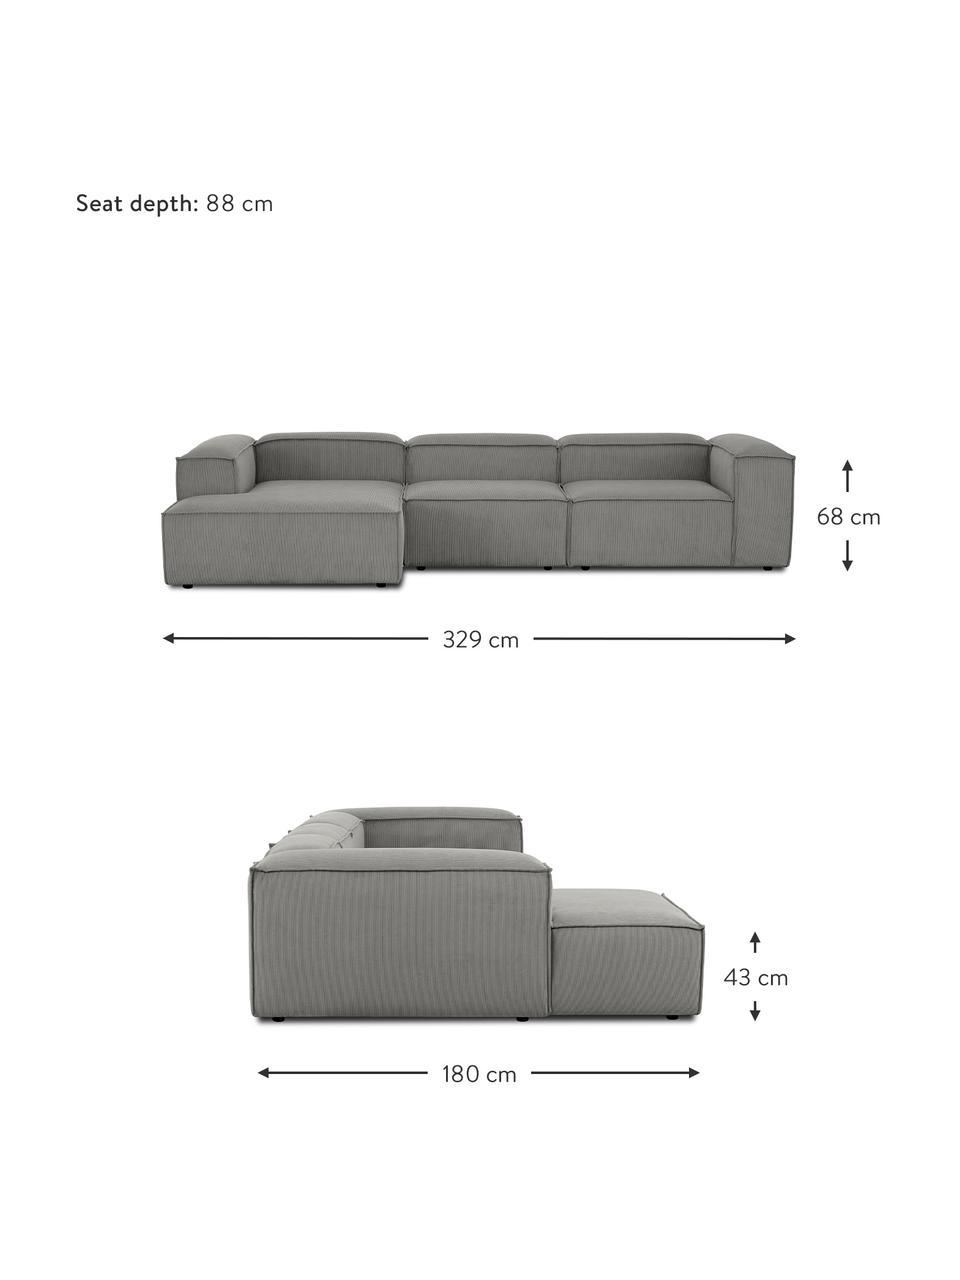 Narożna sofa modułowa ze sztruksu Lennon, Tapicerka: sztruks (92% poliester, 8, Stelaż: lite drewno sosnowe, skle, Nogi: tworzywo sztuczne Nogi zn, Sztruksowy szary, S 327 x G 180 cm